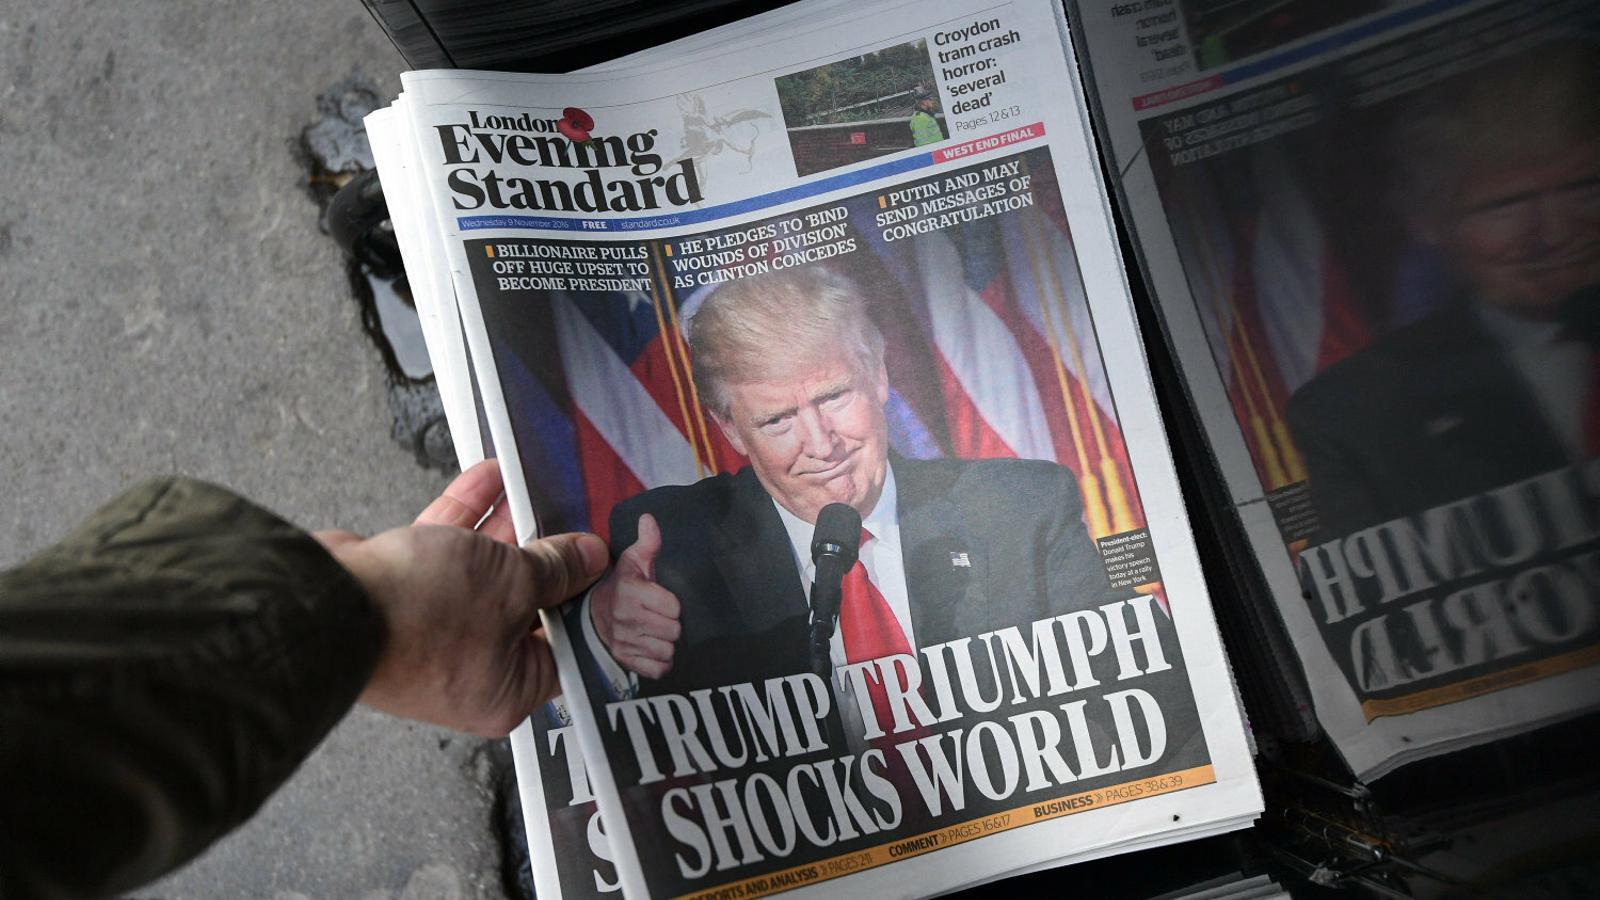 La bombolla mediàtica en què cada cop més viu aïllada la gent explica que, per exemple, moltes persones no entenguessin la victòria de Trump.